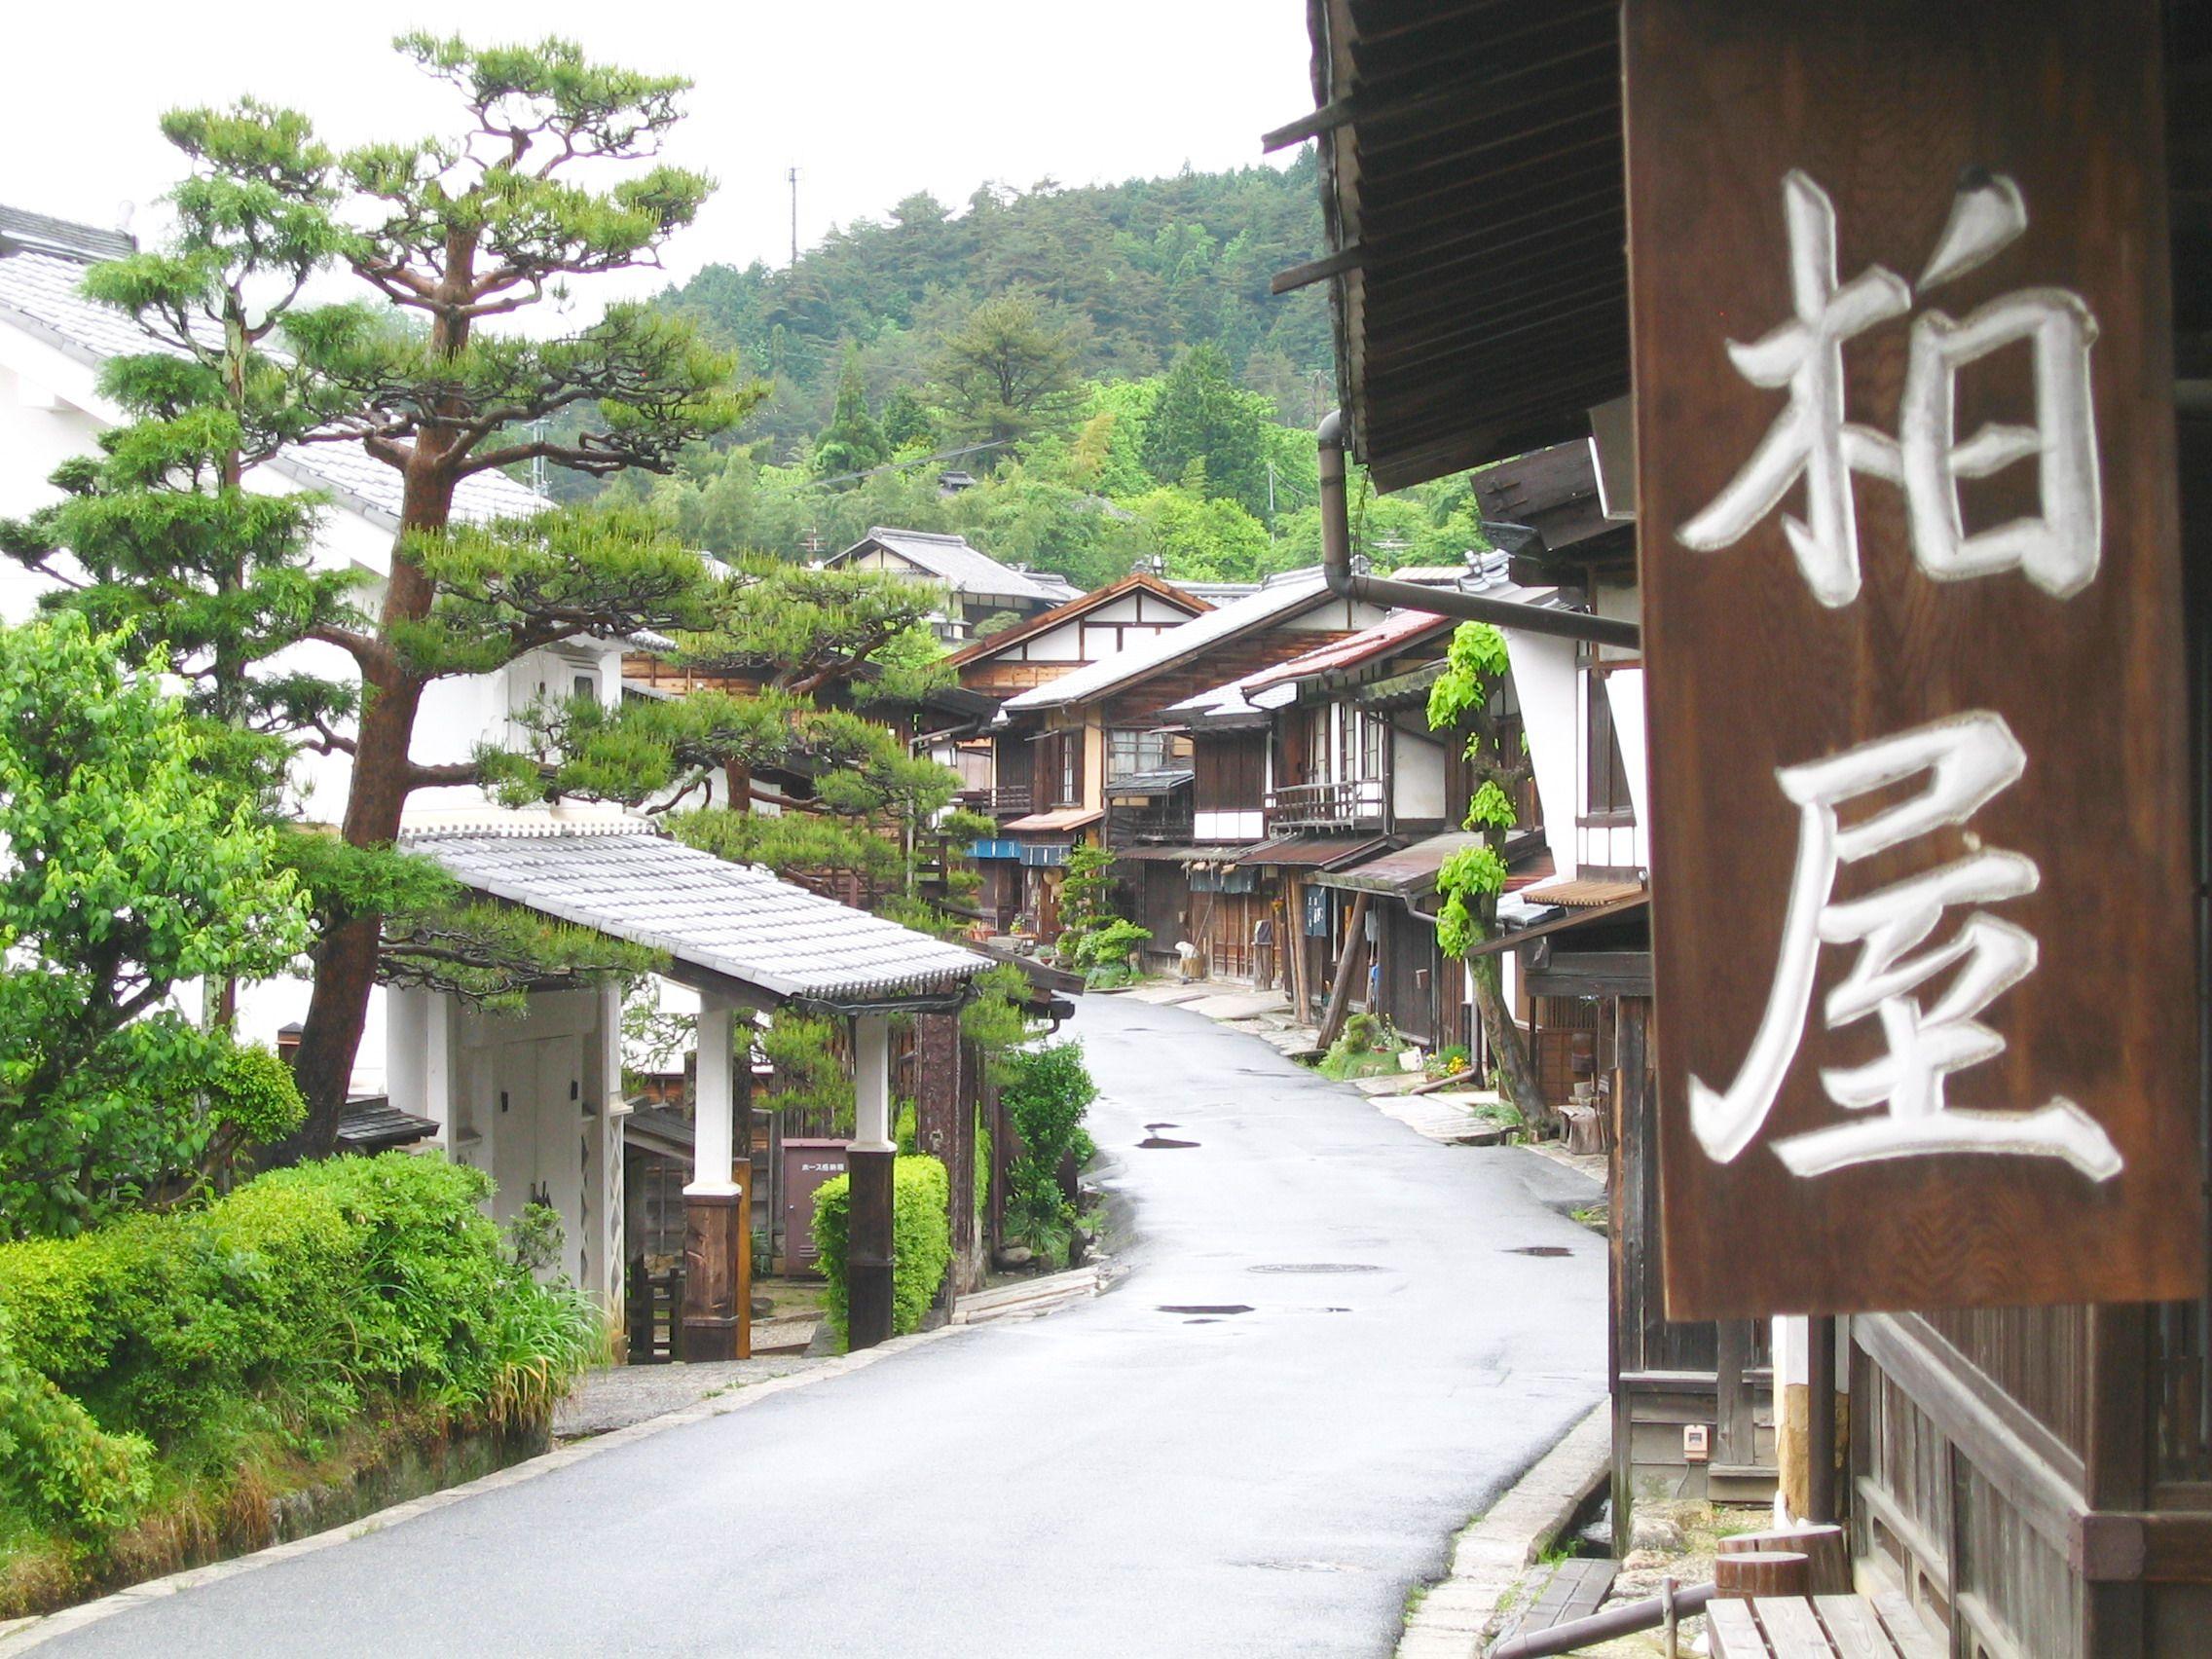 Explore villages along the Nakasendo Trail through Kiso